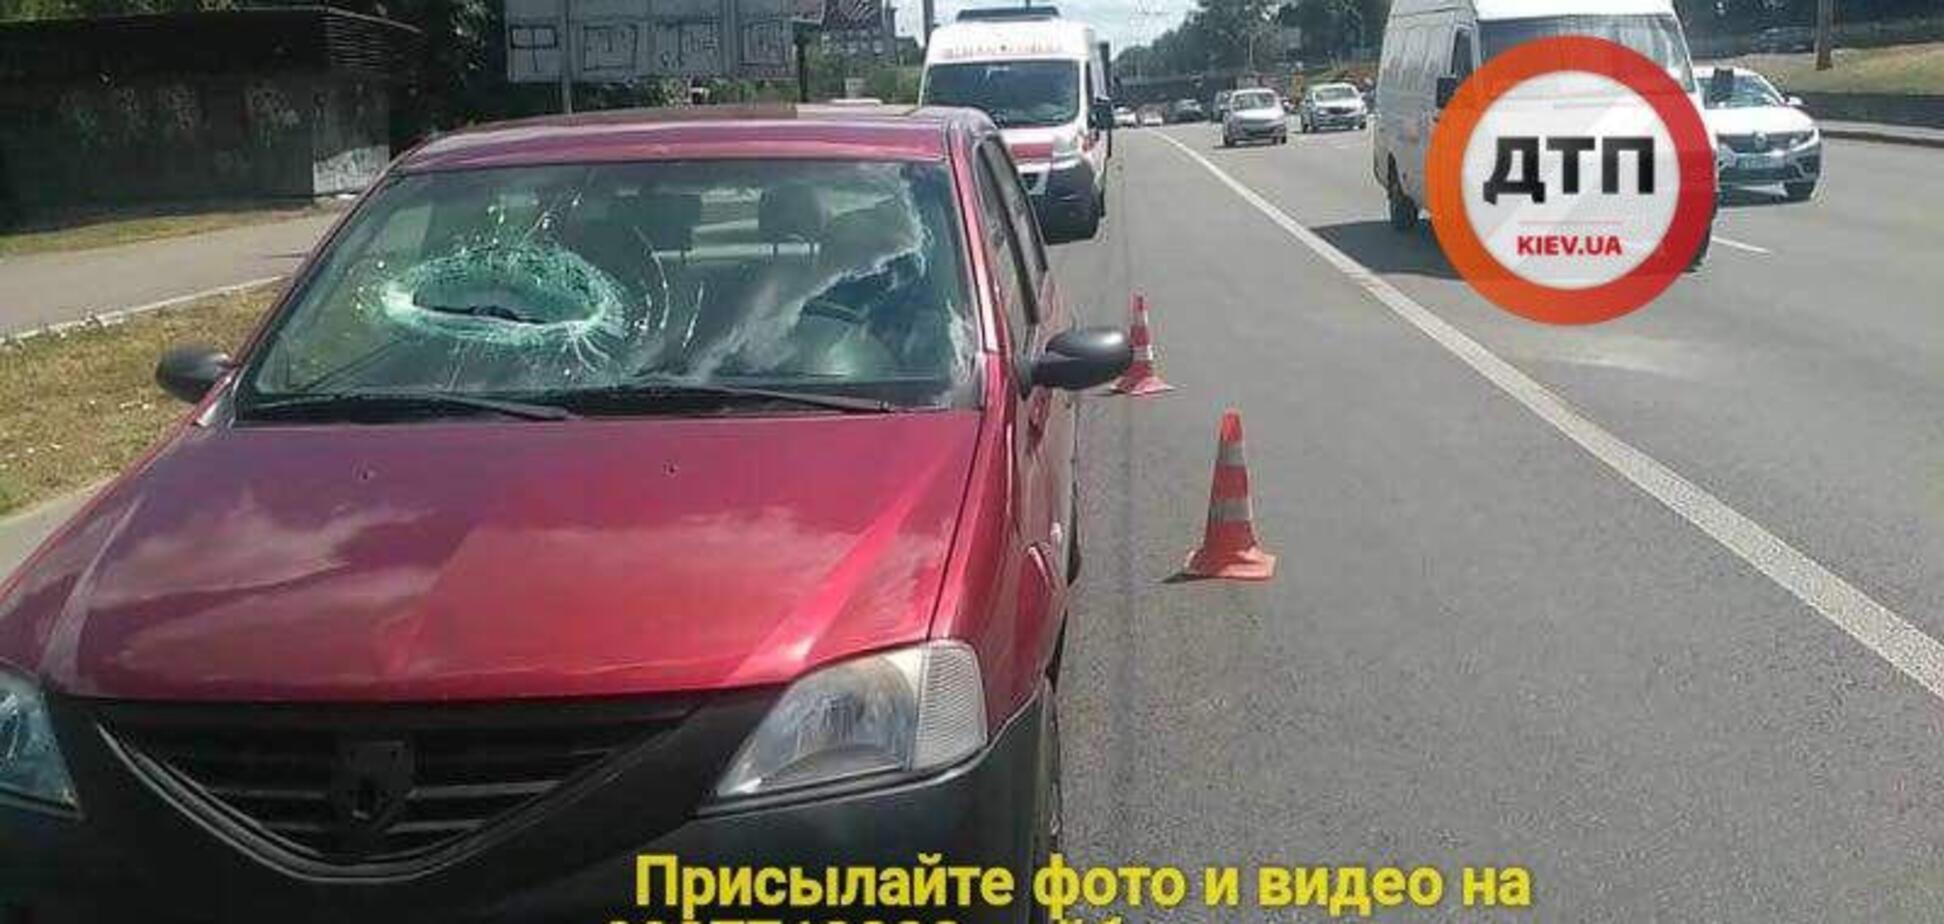 'Почти оторвало руку': в Киеве с моста на авто упал бетон